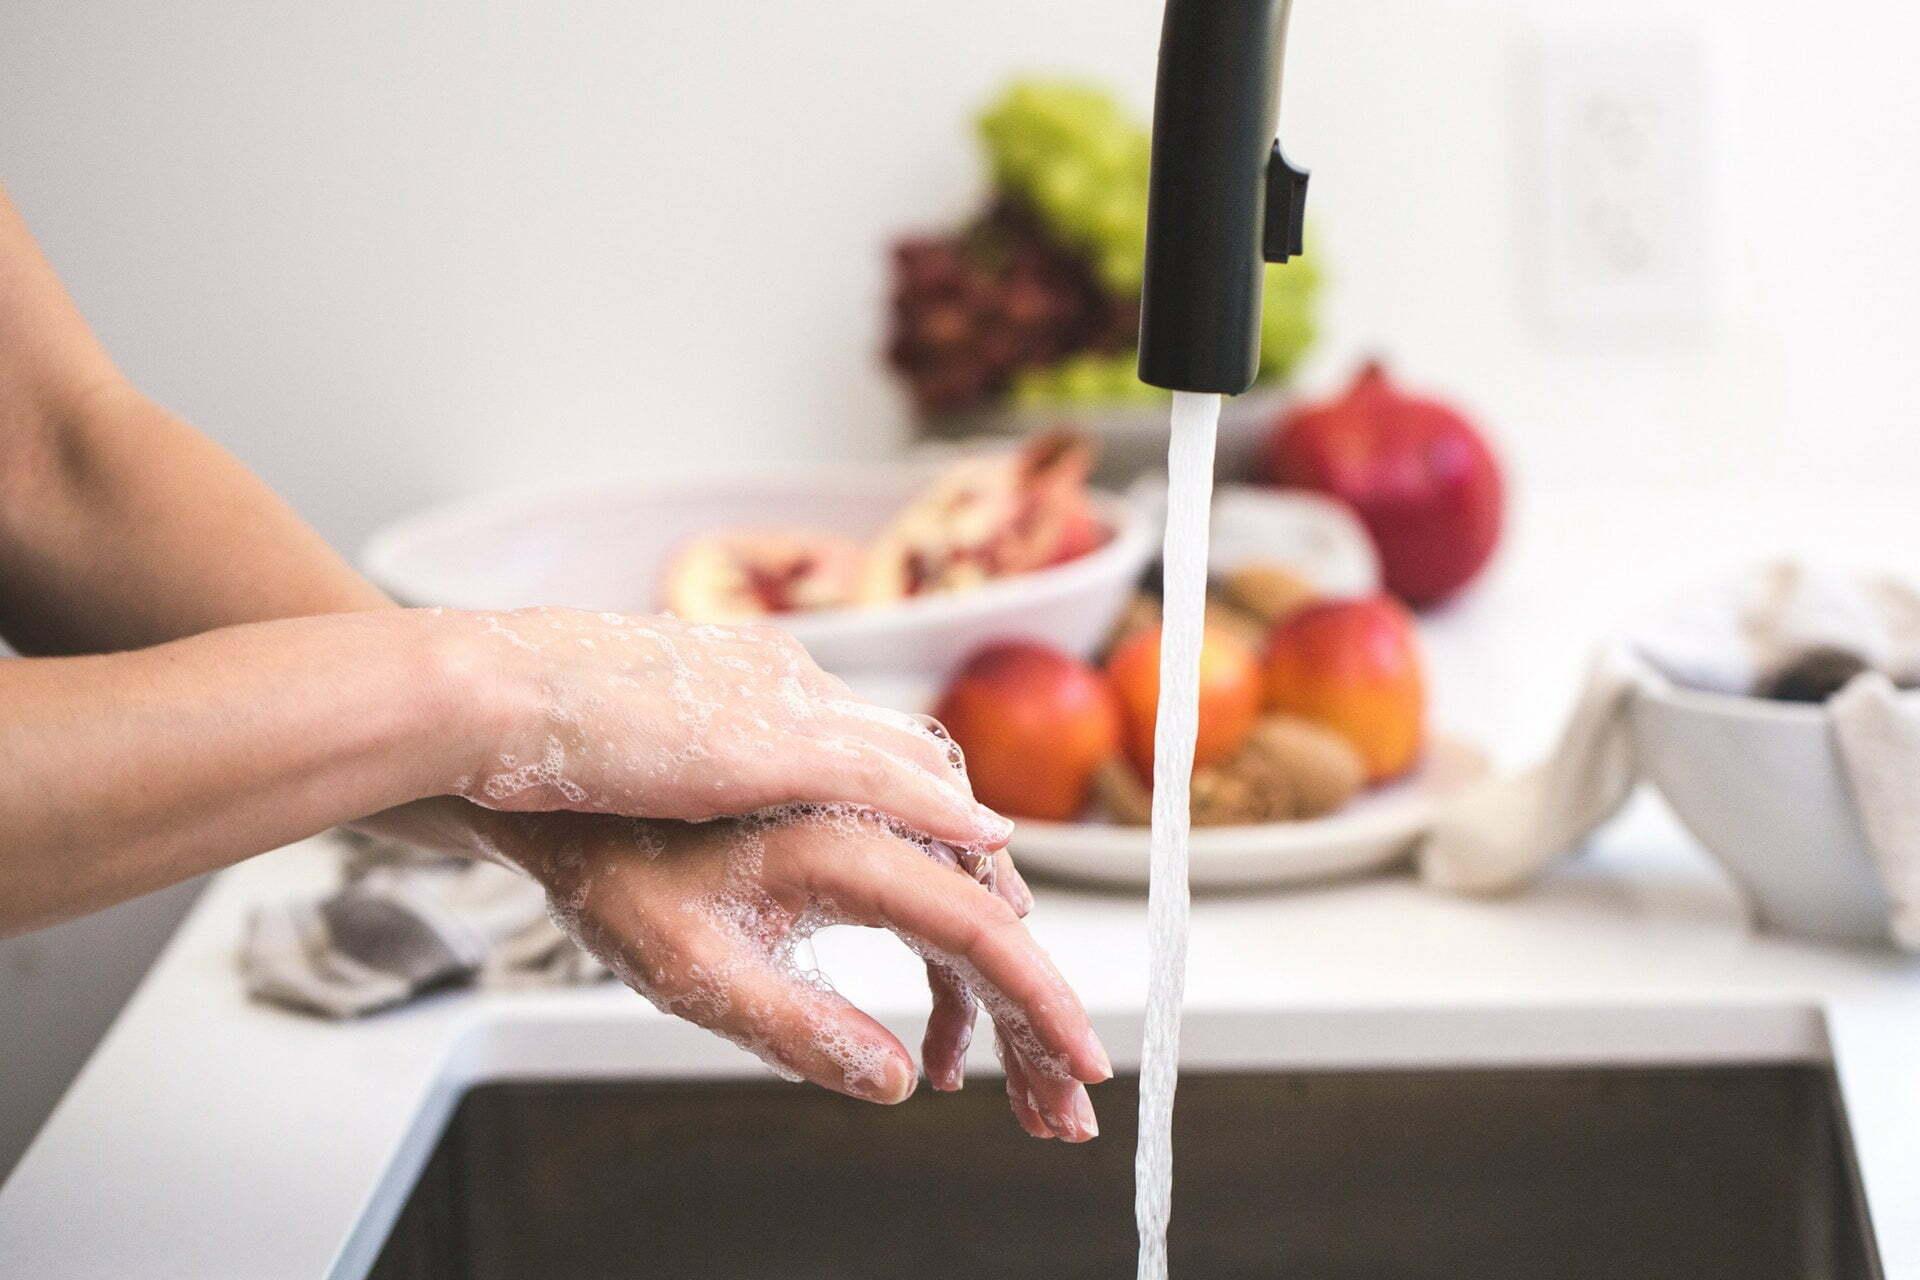 schoonmaken zonder chemicaliën